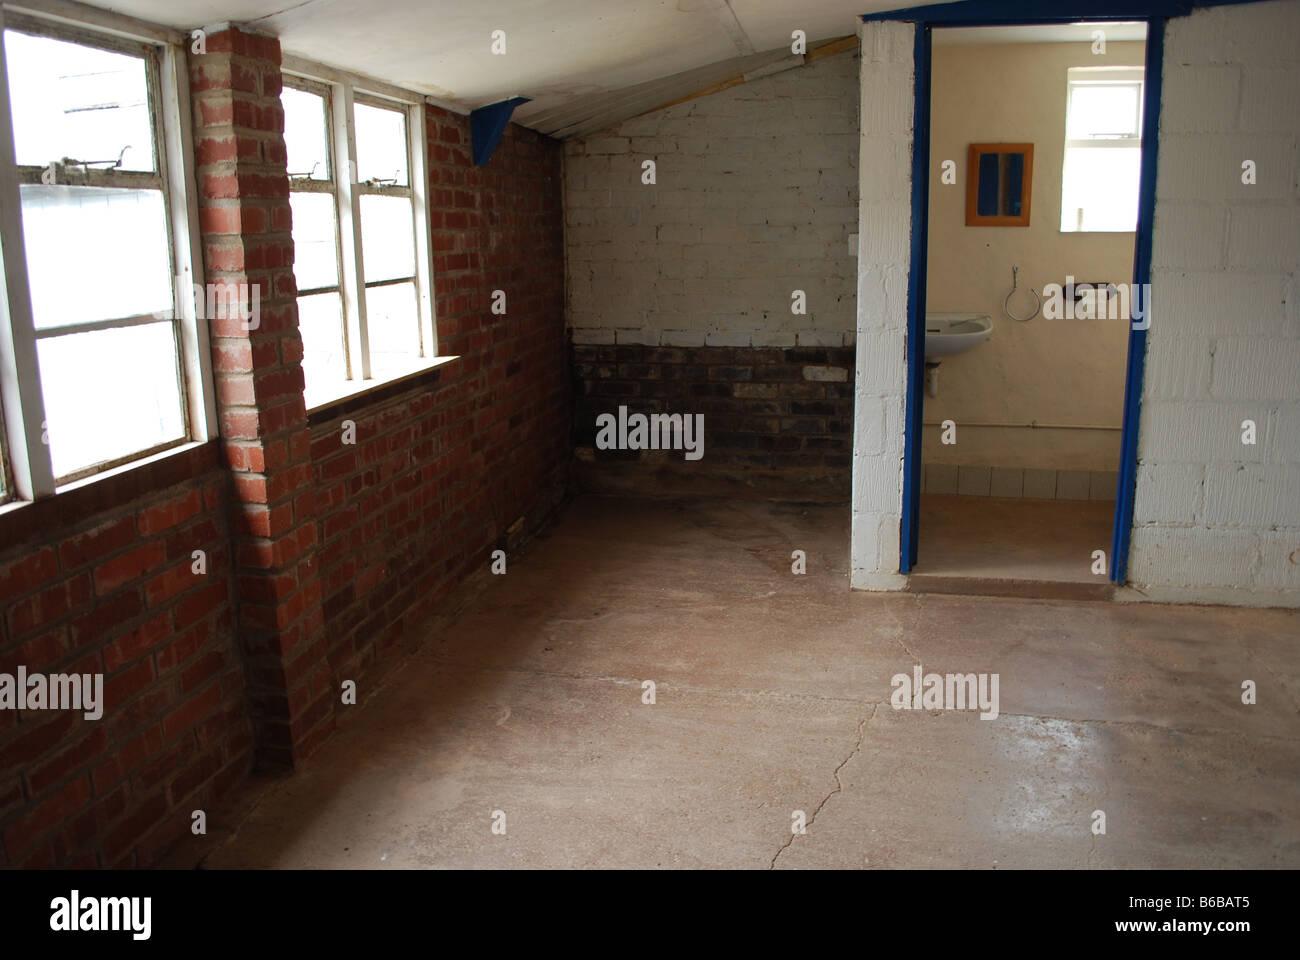 Leere Spülküche Mit Steinboden Und Wände Mit Einer Kleinen Toilette Im  Erdgeschoss In Einem Alten Stockbild